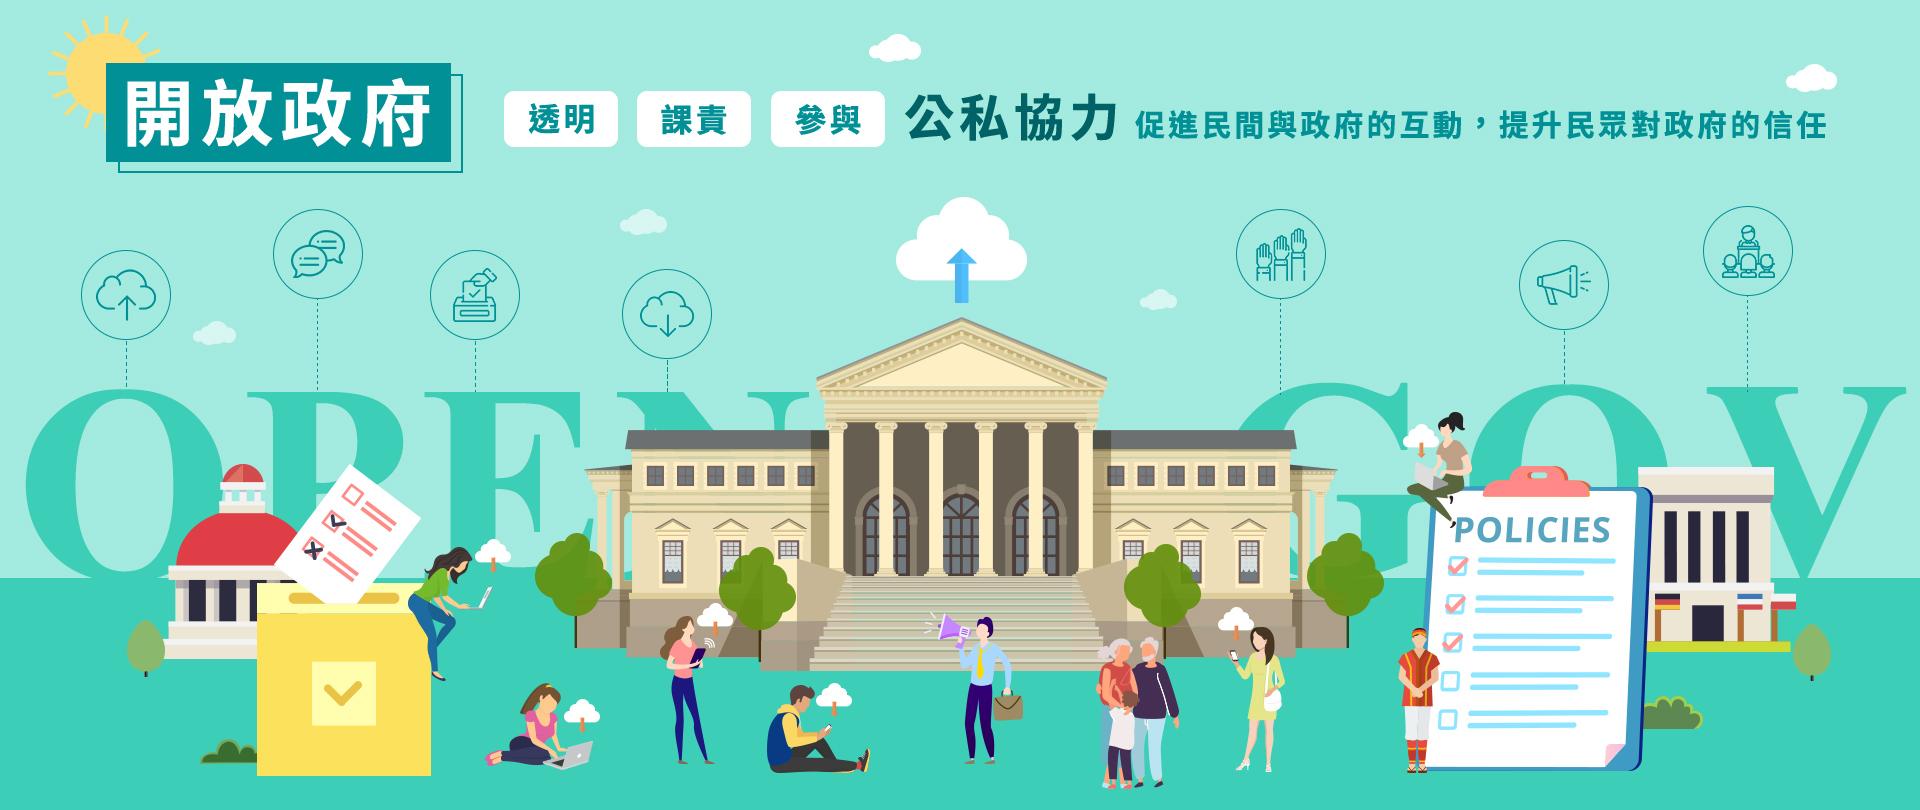 國發會開放政府資訊網頁